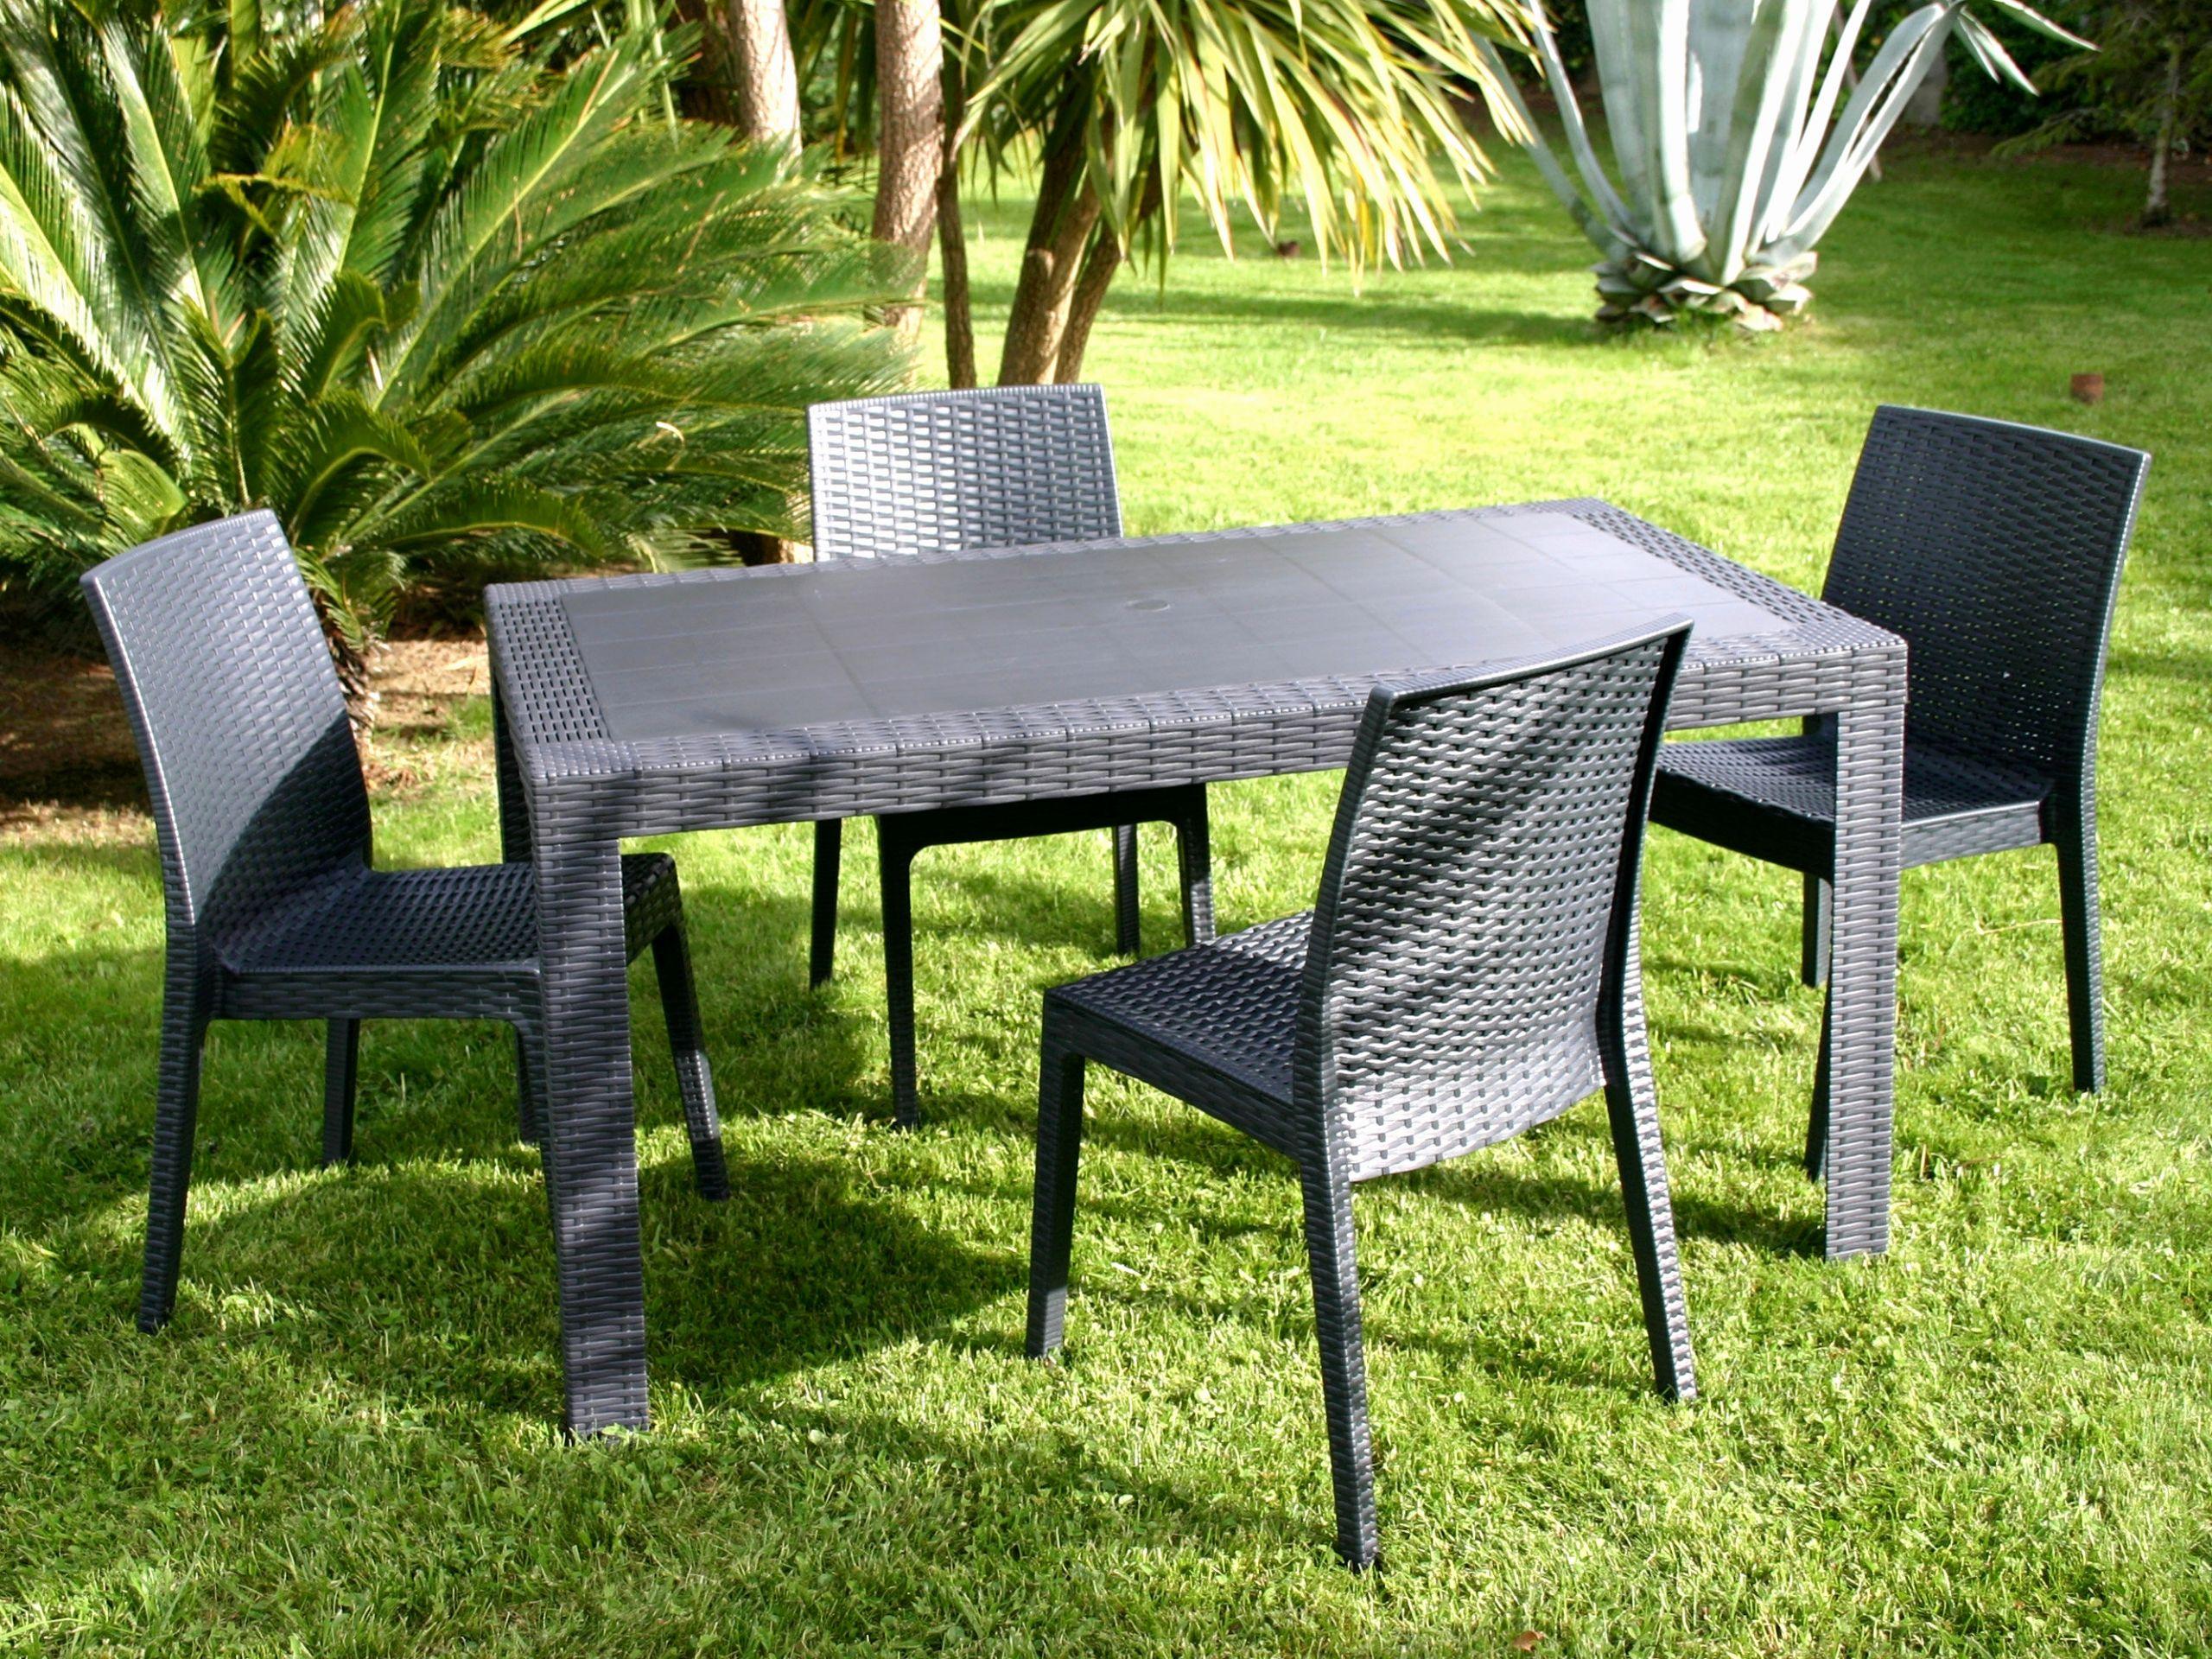 Table Exterieur Carrefour Best Of Catalogue Carrefour Abris ... encequiconcerne Transat Jardin Carrefour